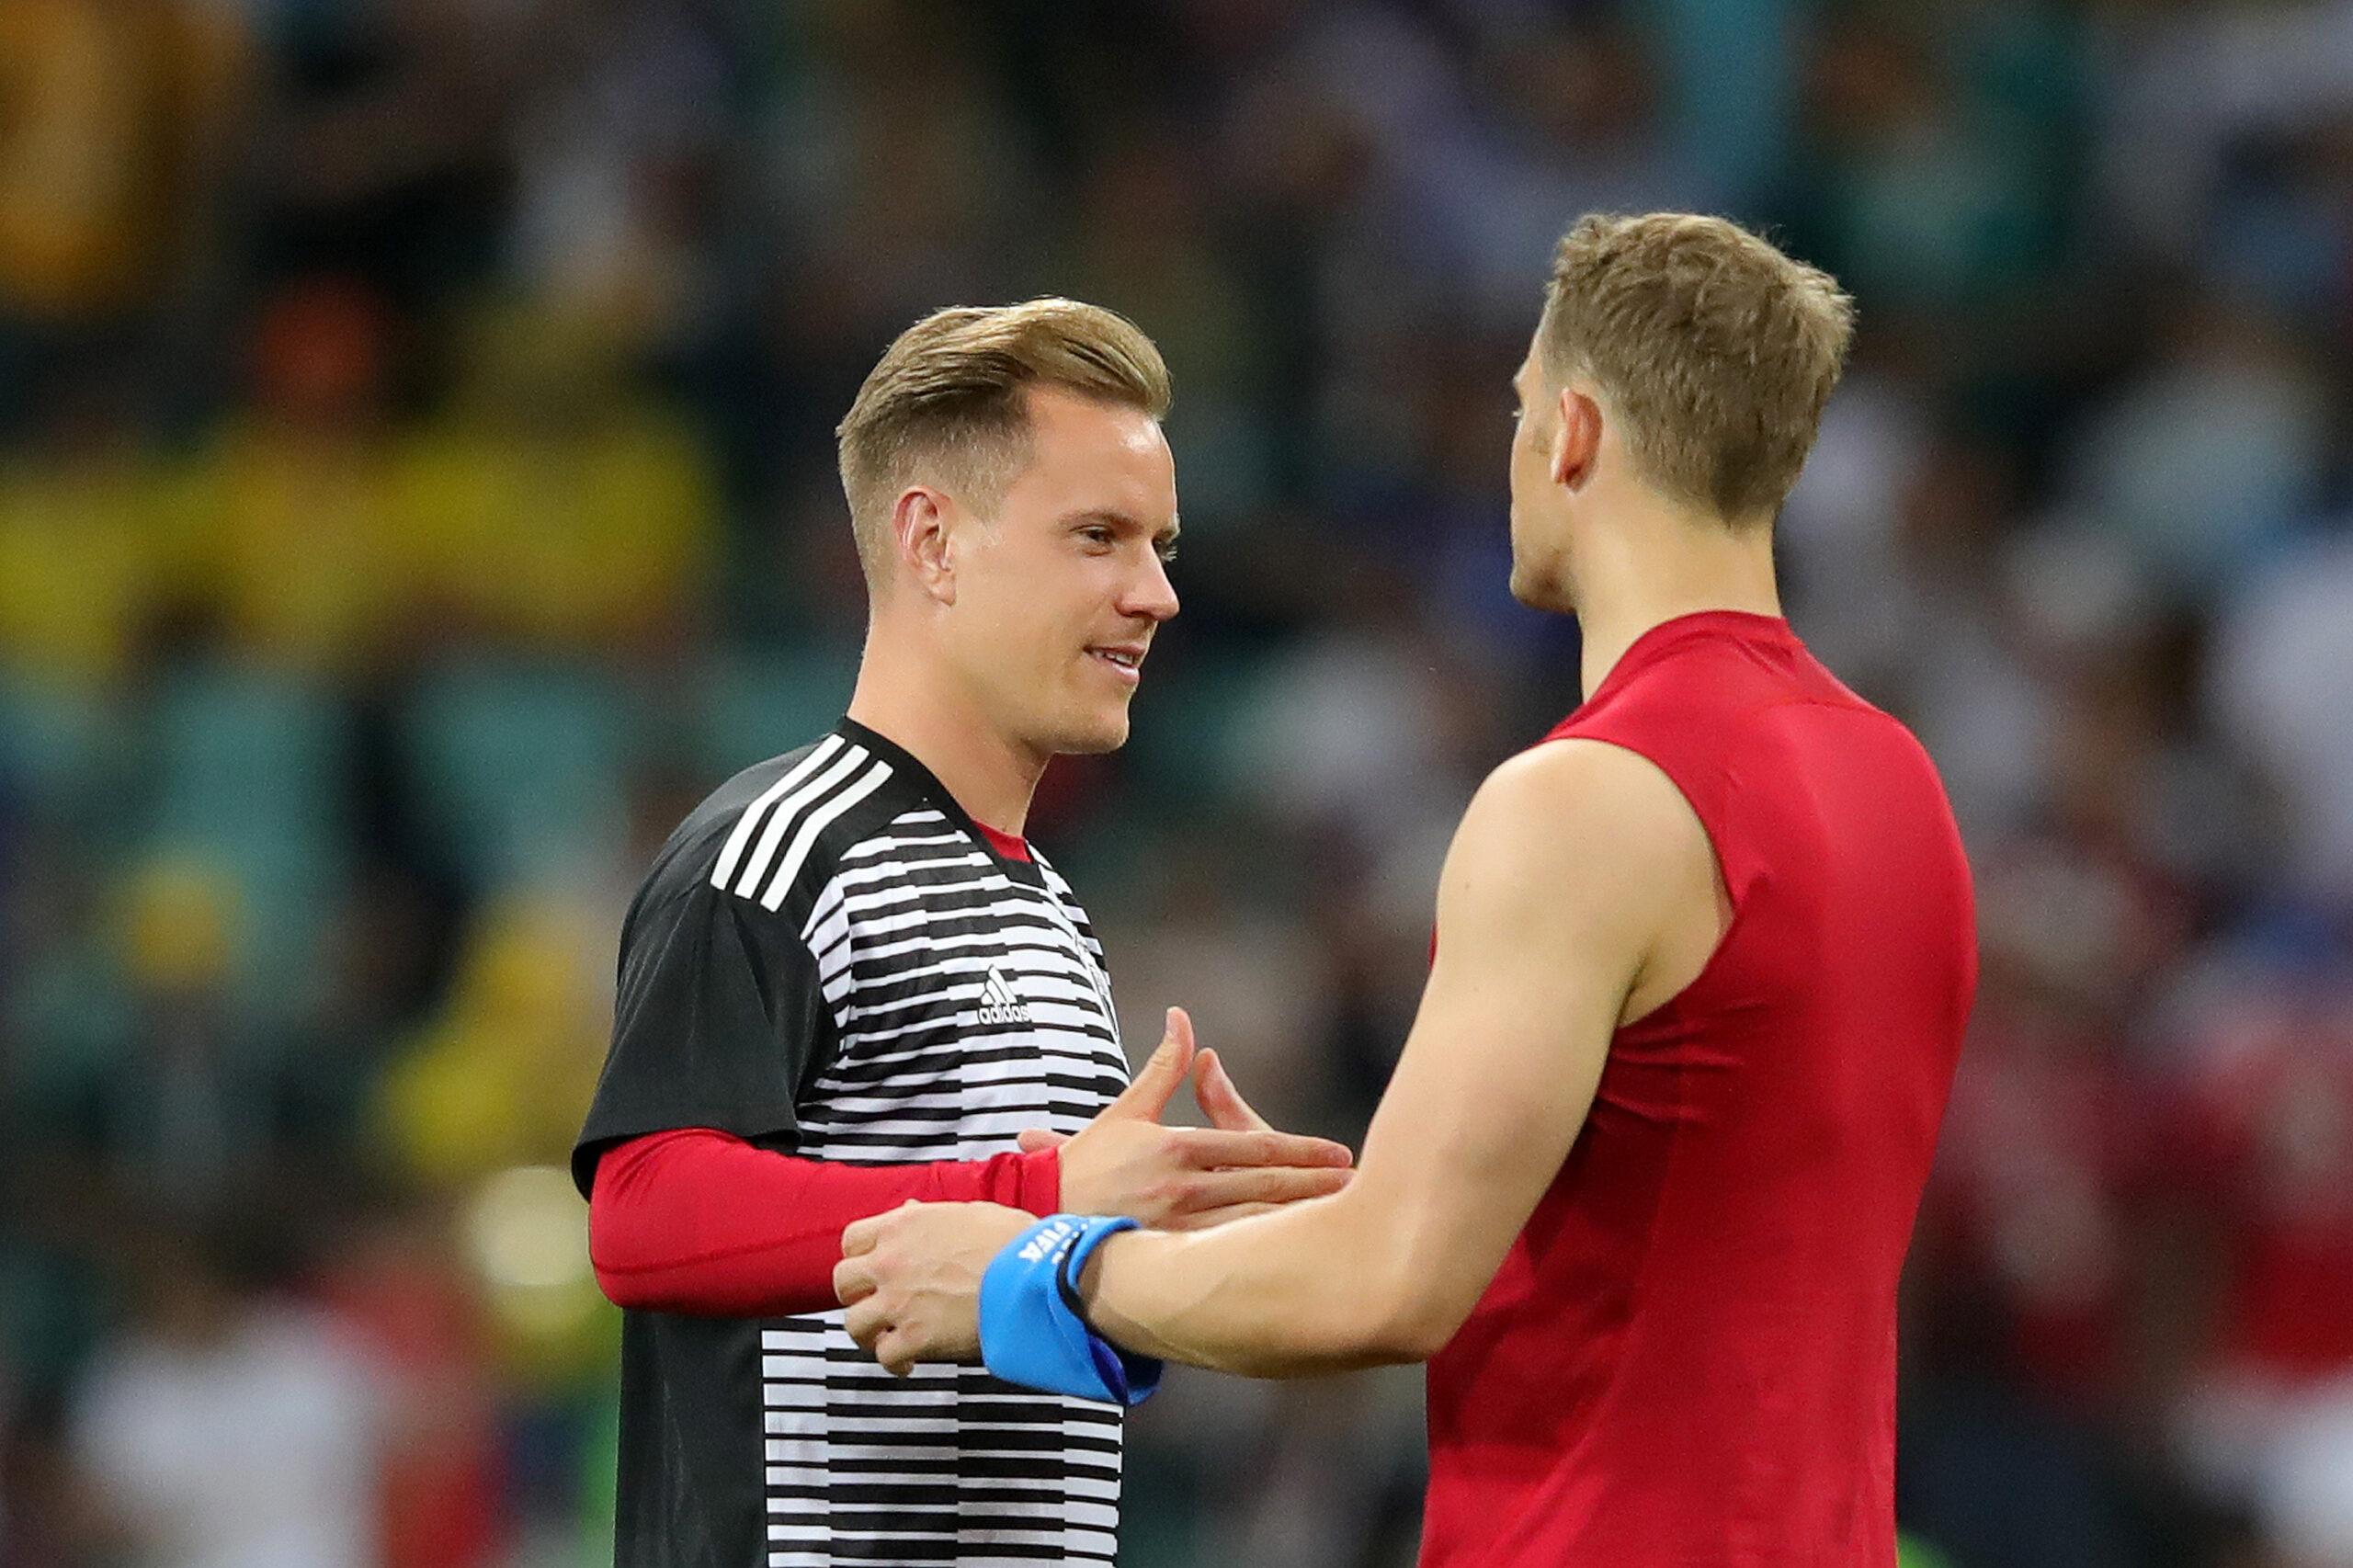 La polémica entre Neuer y ter Stegen está a la orden del día. Foto: Getty Images.